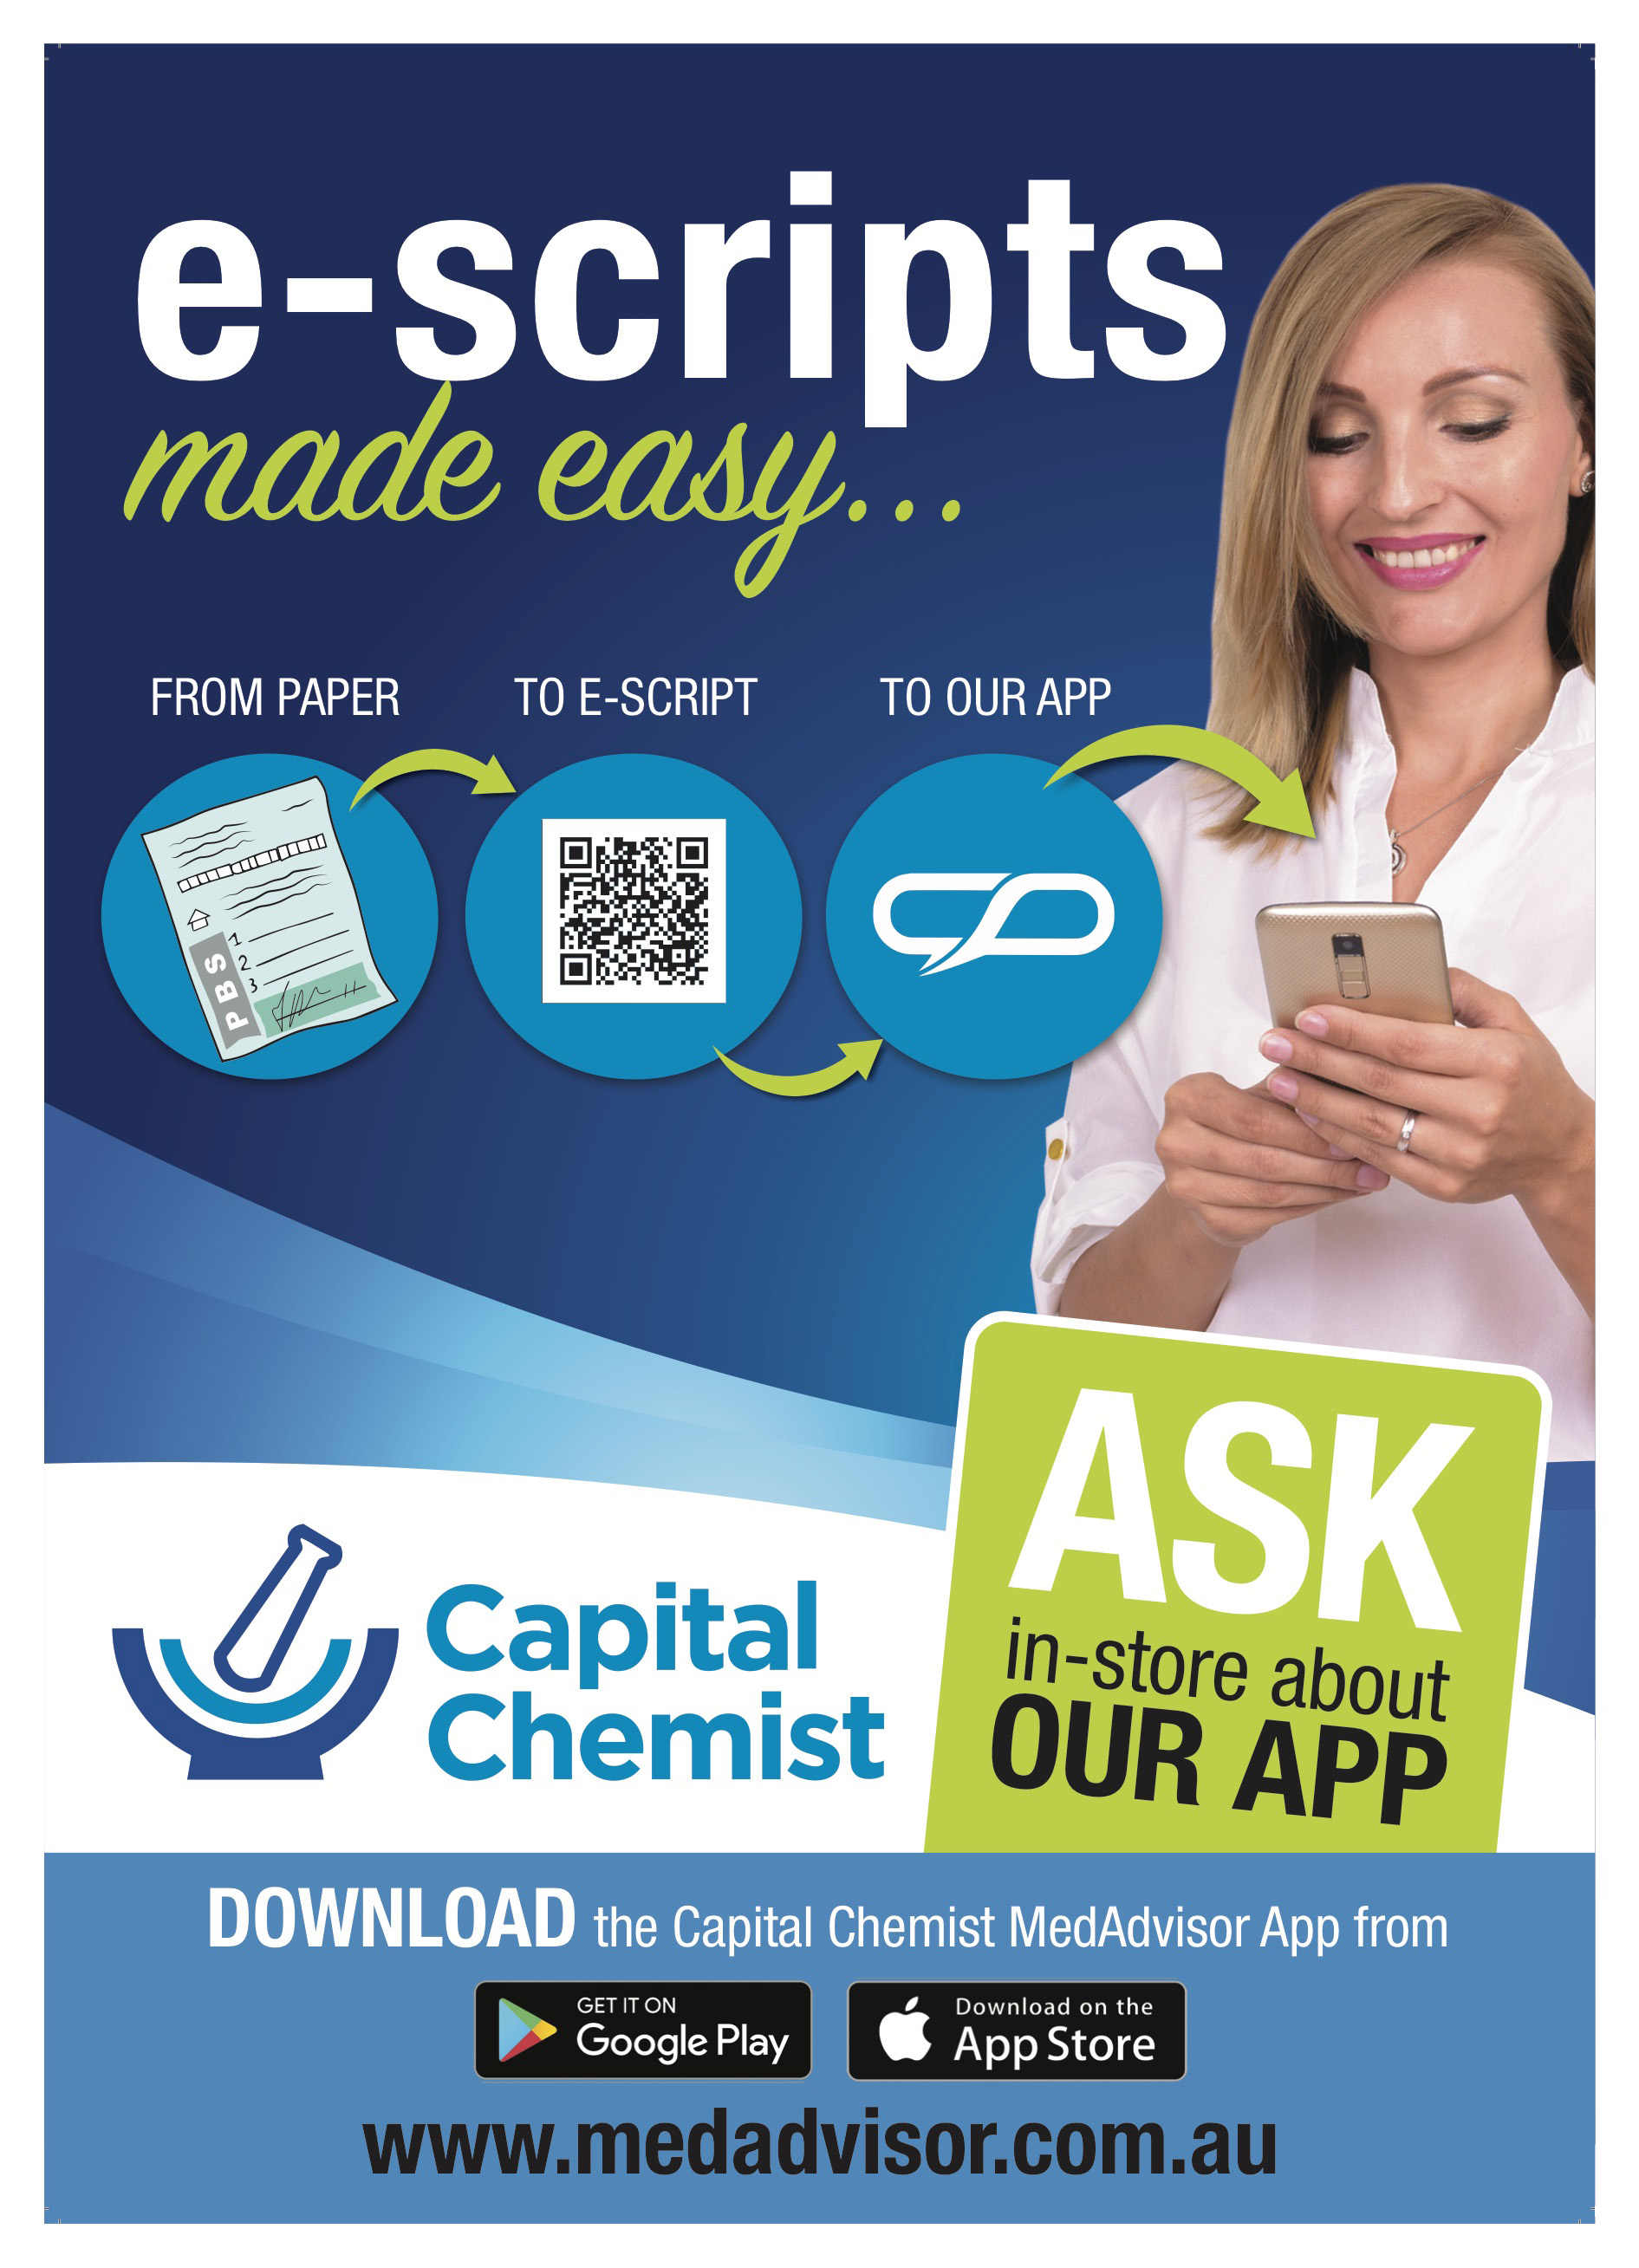 Capital Chemist Canberra E-Script Medadvisor Flyer